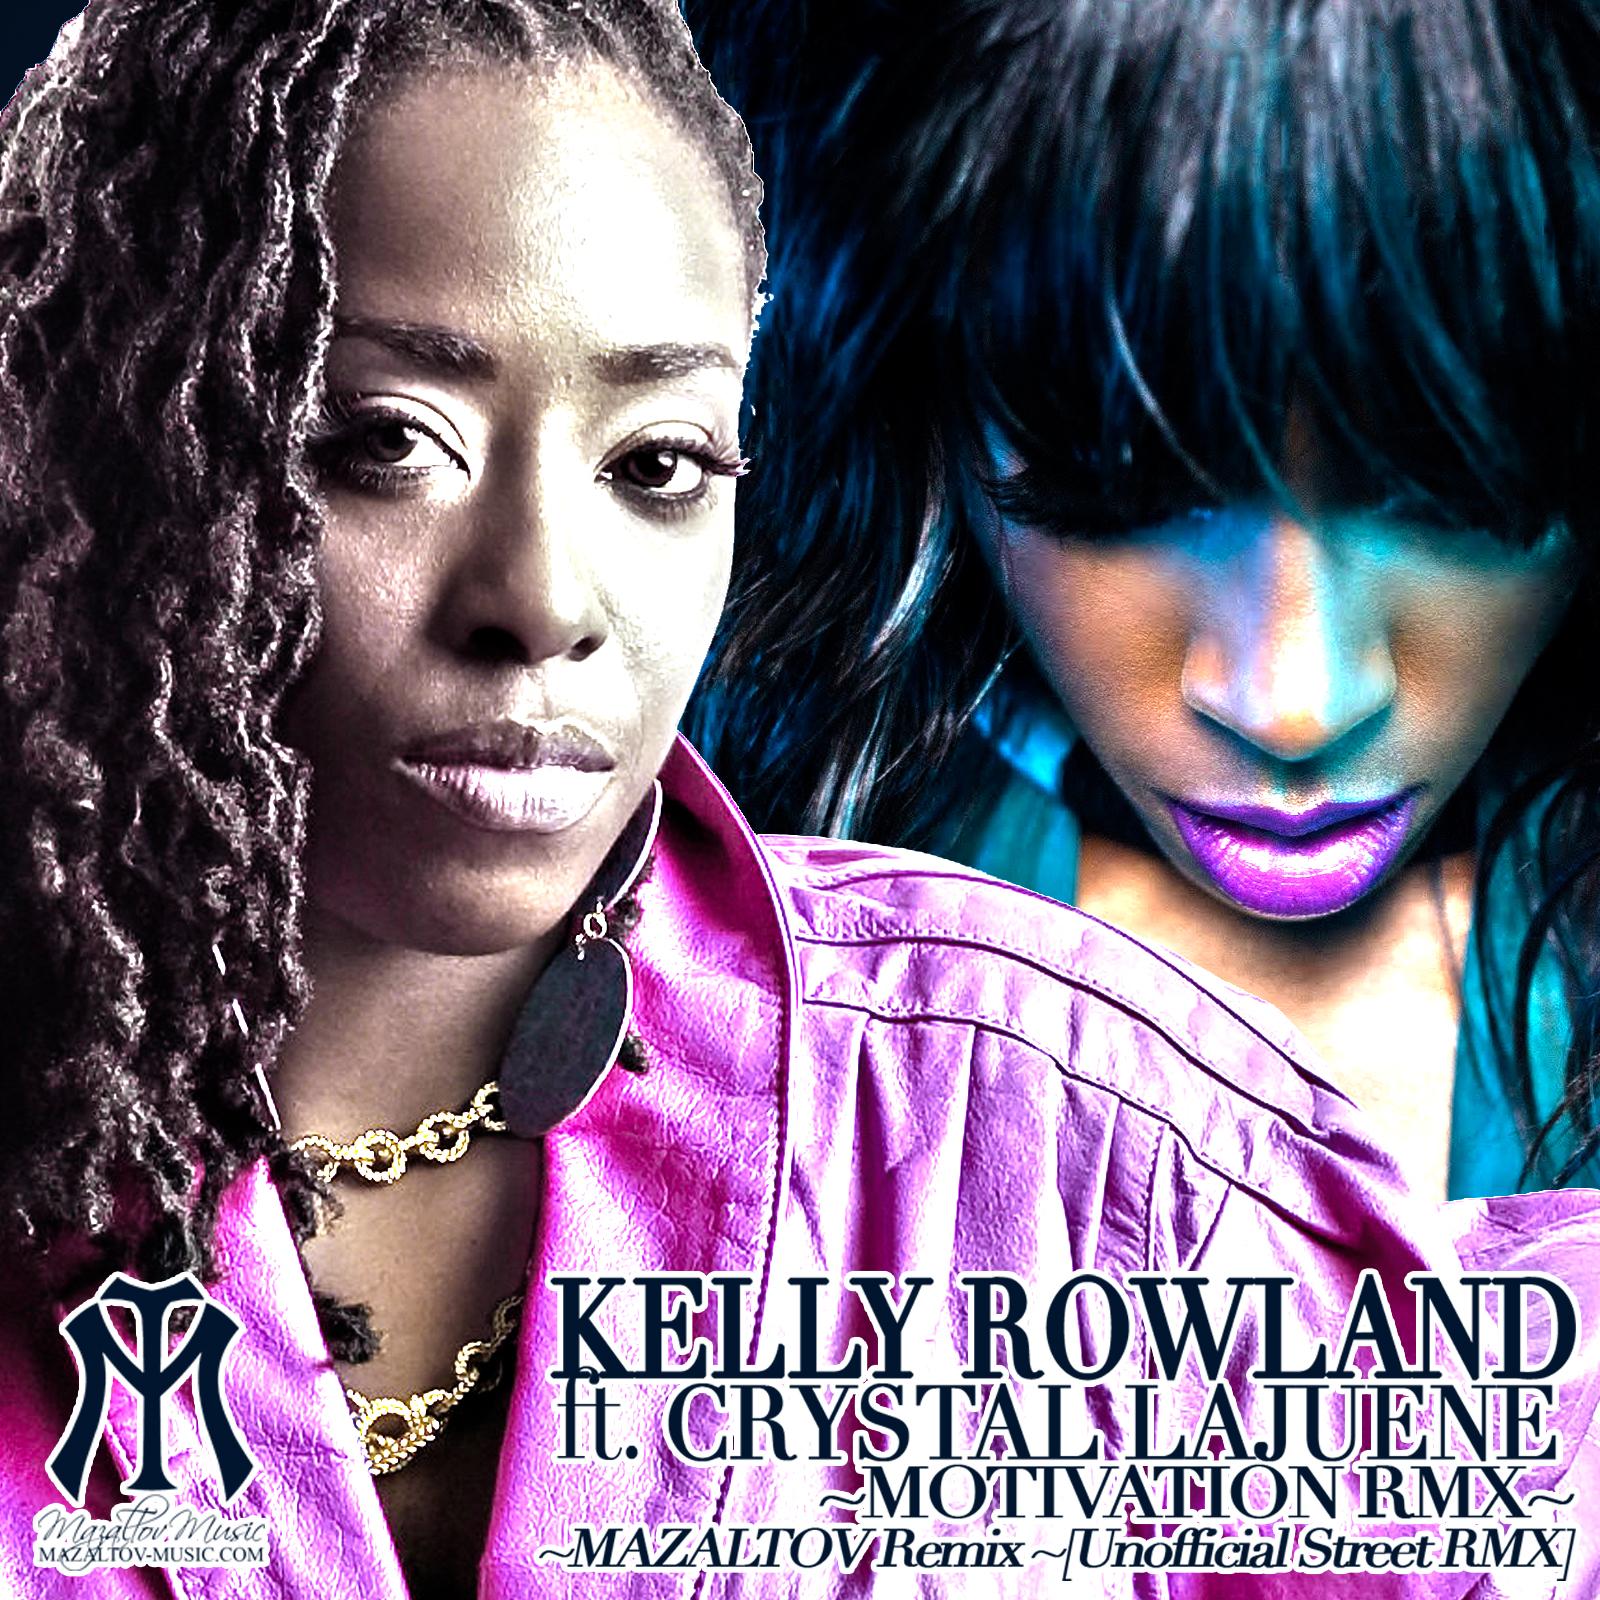 http://3.bp.blogspot.com/-3yj9UxLCRXs/TkFfwO6RRqI/AAAAAAAAABQ/yrdx815QlDA/s1600/Kelly+Rowland+ft.+Crystal+LaJuene+-+Motivation+RMX+%255BMAZALTOV+RMX%255D.jpg